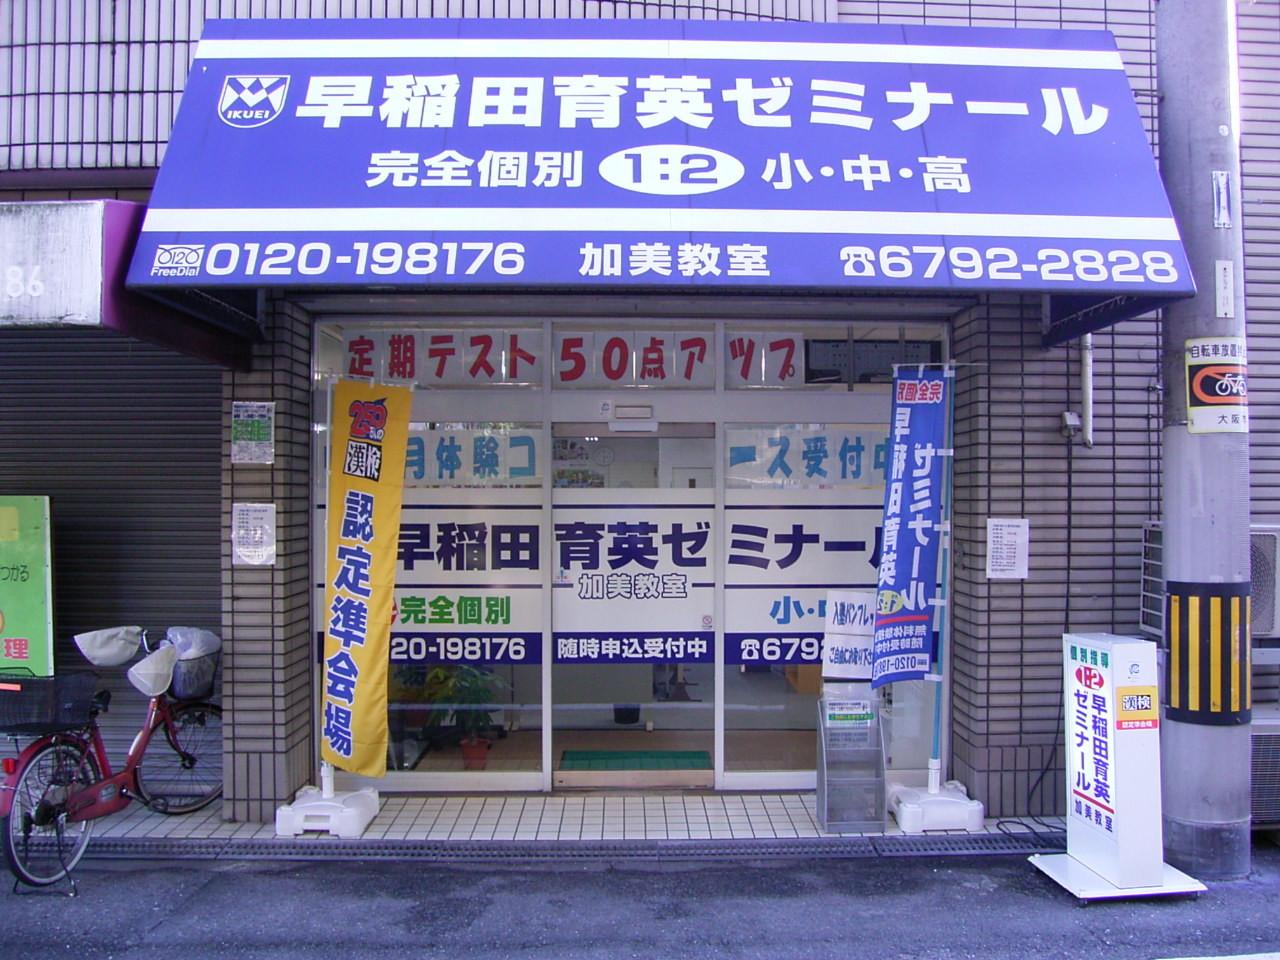 早稲田育英ゼミナール 加美第2教室 のアルバイト情報